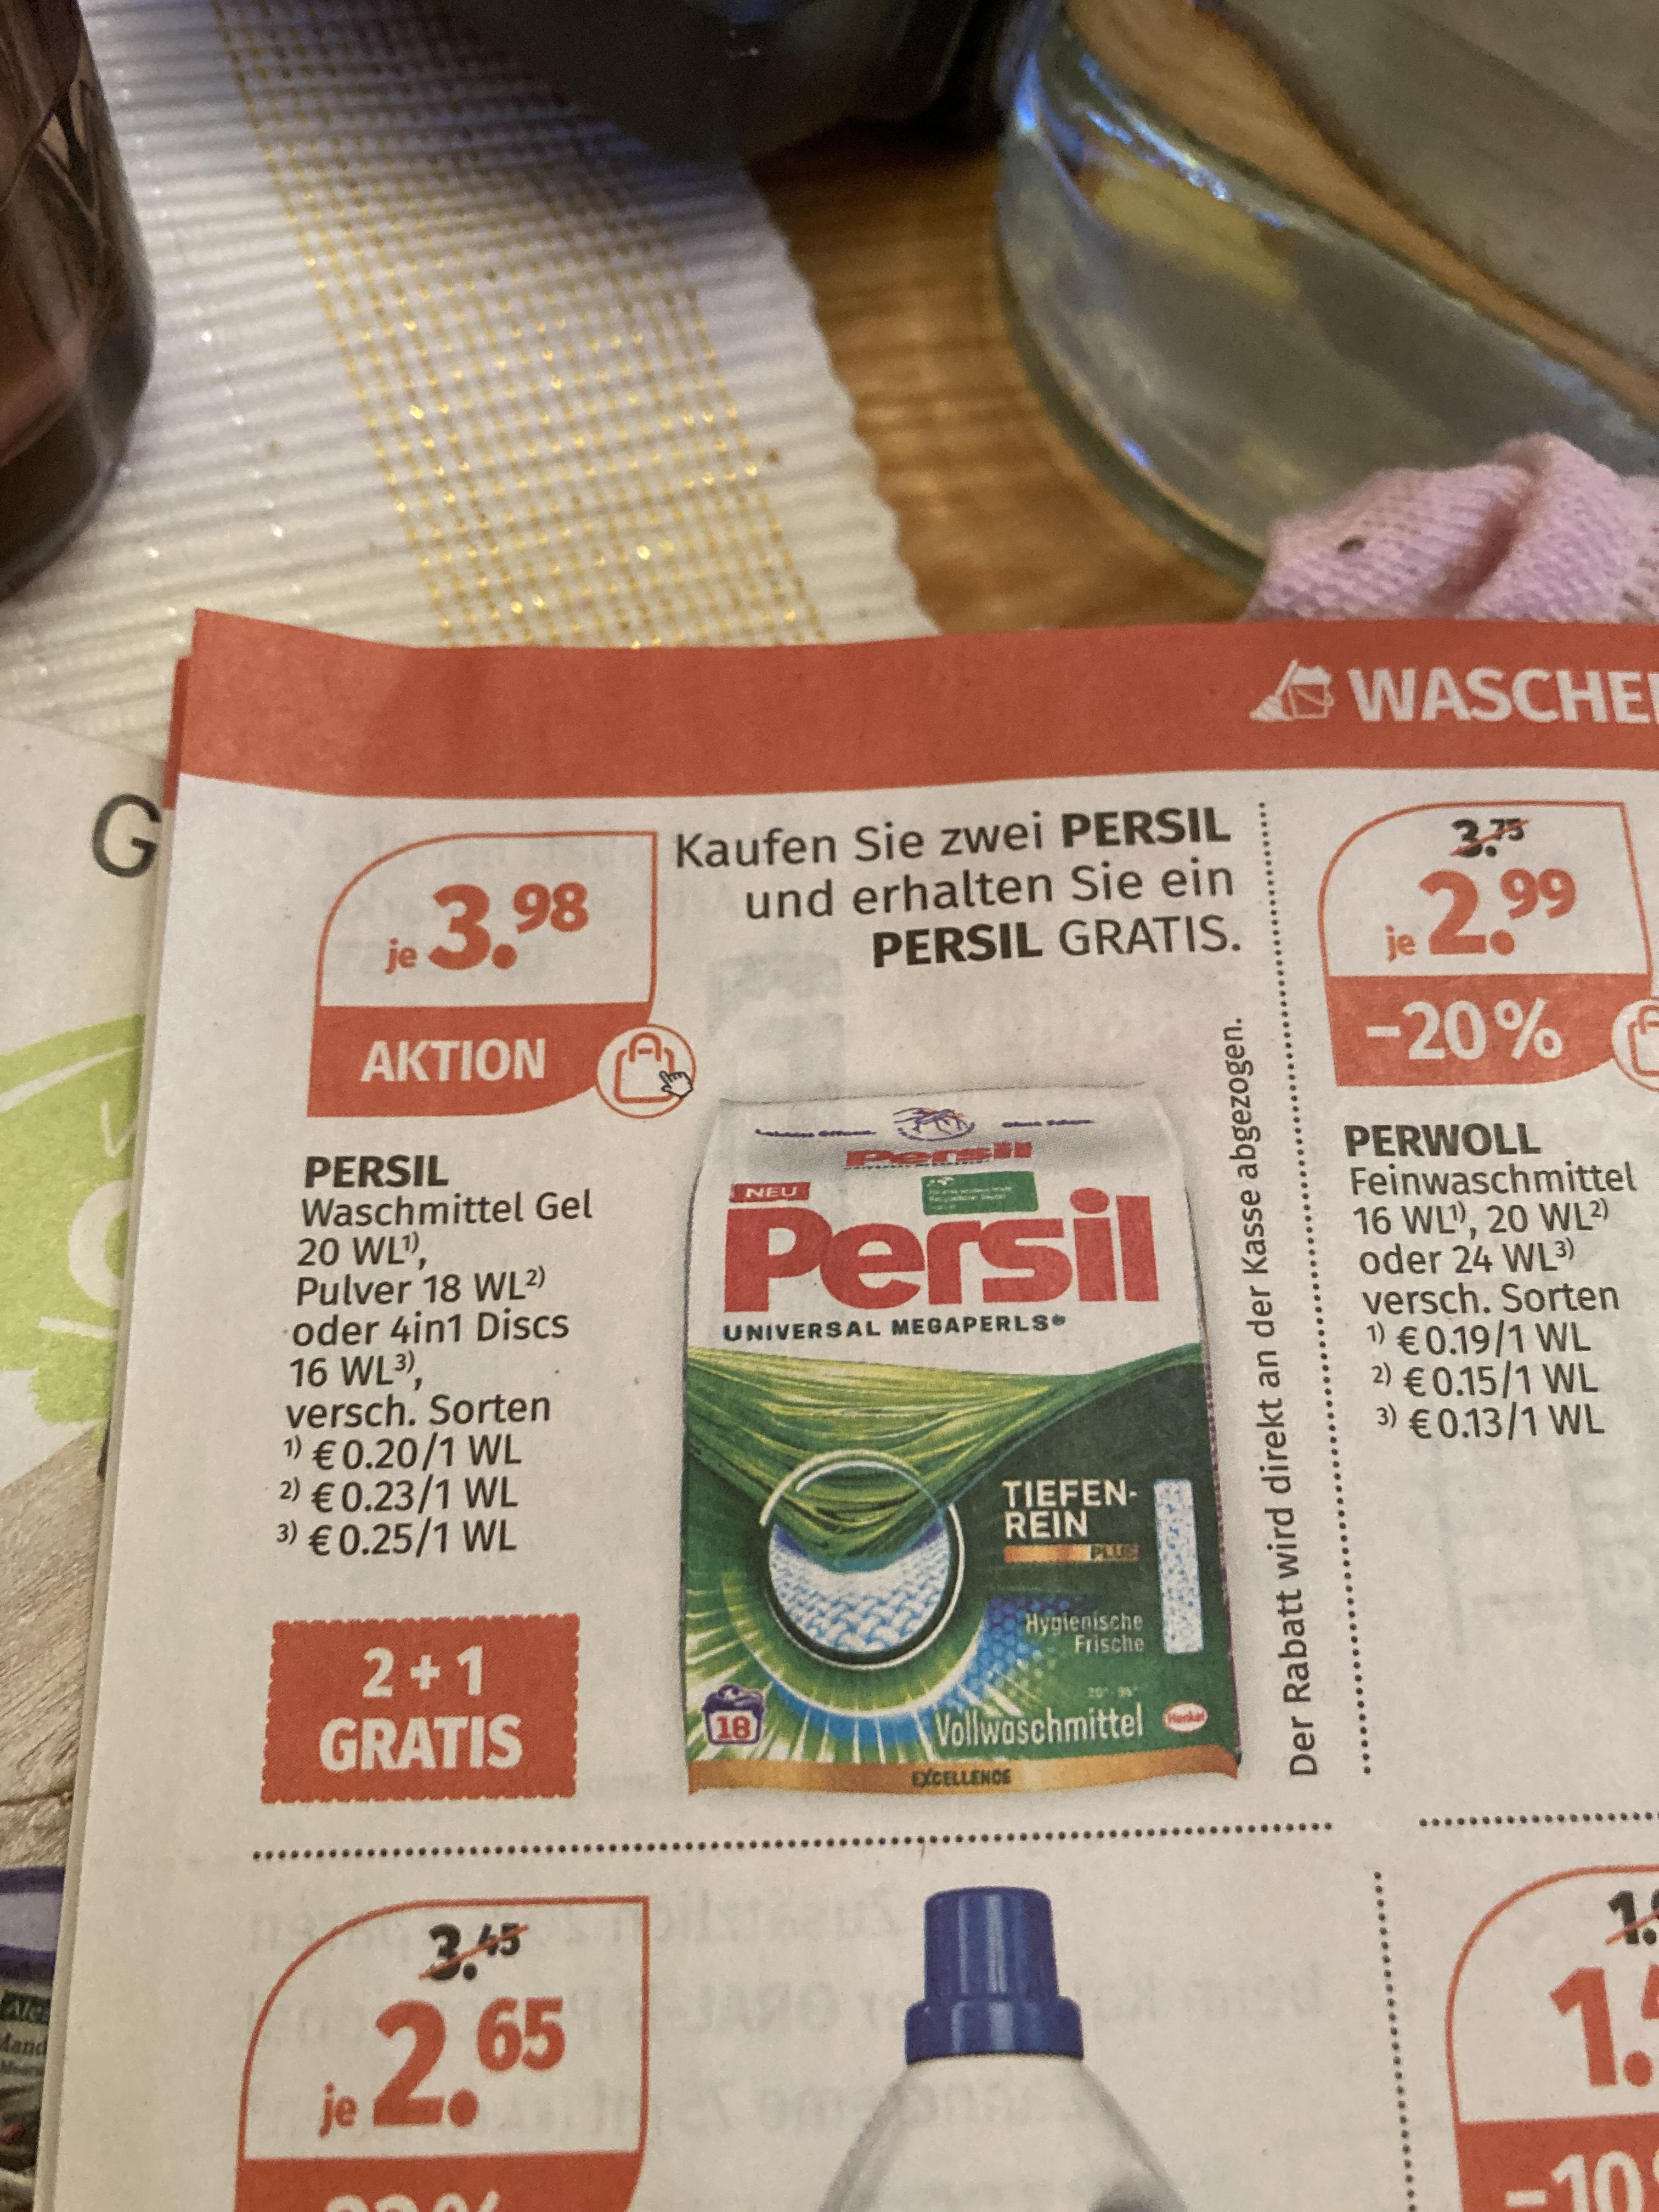 Persil Waschmittel 18WL 2+1 Gratis